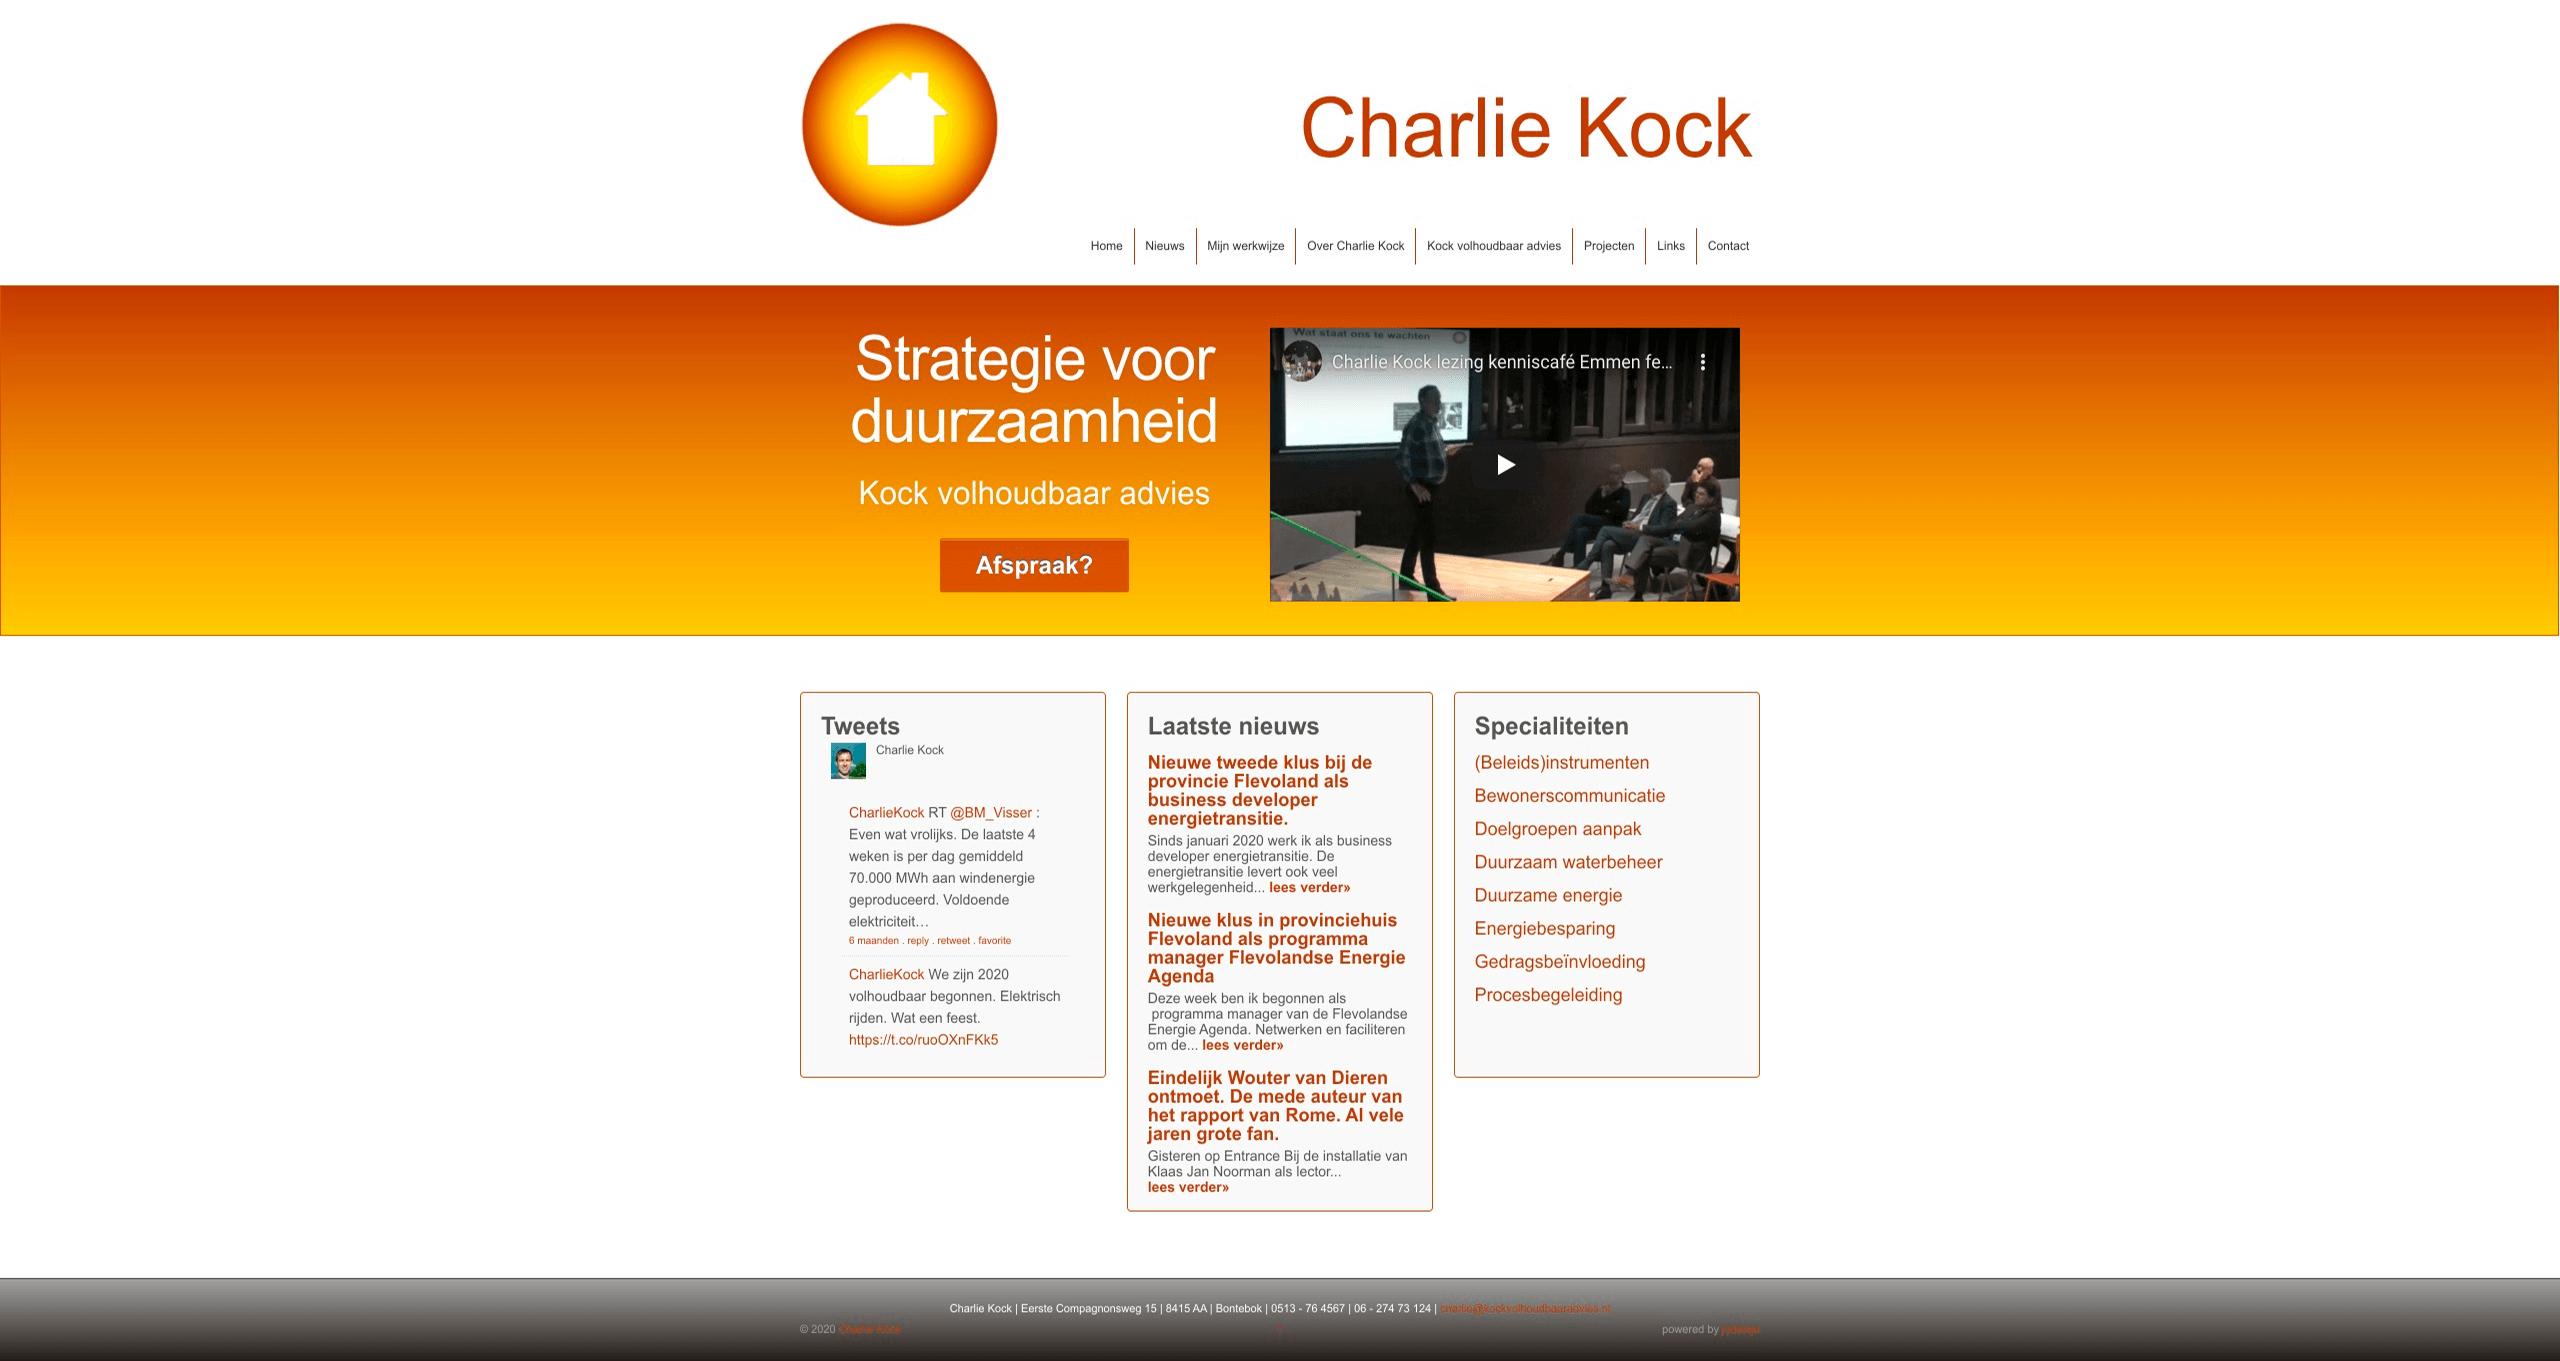 Charlie Kock Bouwen aan de toekomst met Kock volhoudbaar advies